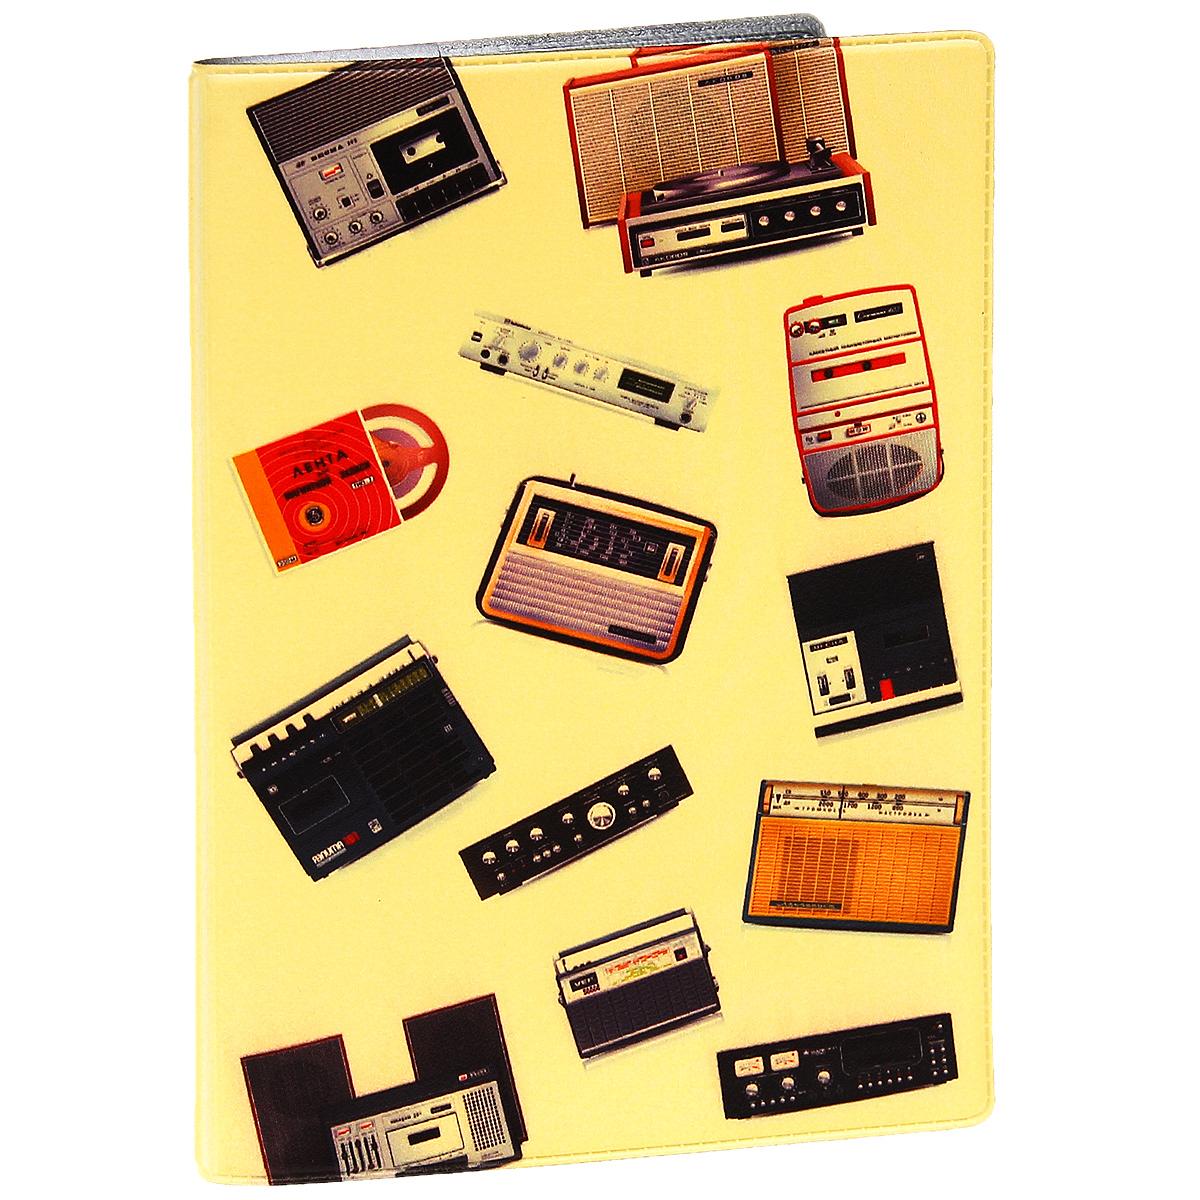 Обложка для автодокументов Радиоприемники. AUTOZAM279BV.50.SL черныйОбложка для автодокументов Mitya Veselkov Радиоприемники изготовлена из прочного ПВХ и оформлена изображениями звуковой аппаратуры. На внутреннем развороте имеются съемный блок из шести прозрачных файлов из мягкого пластика для водительских документов, один из которых формата А5, а также два боковых кармашка для визиток или банковских карт.Стильная обложка не только поможет сохранить внешний вид ваших документов и защитит их от грязи и пыли, но и станет аксессуаром, который подчеркнет вашу яркую индивидуальность.